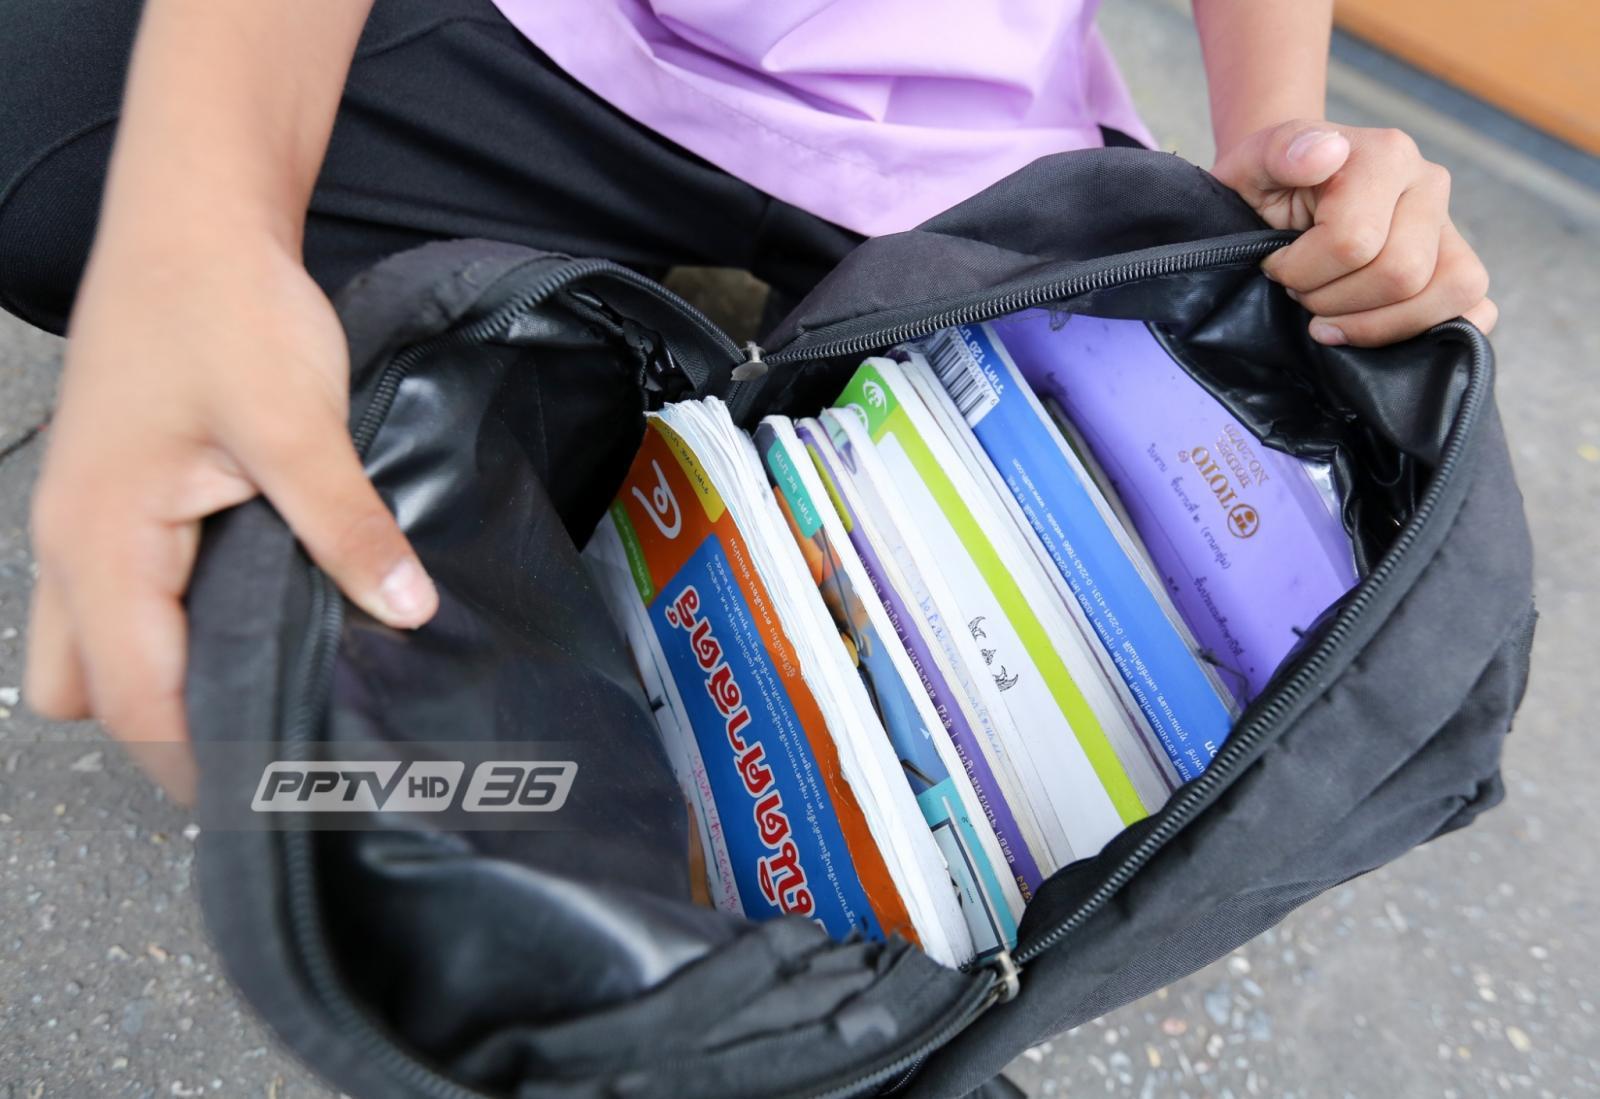 """ชั่งกันกิโลต่อกิโล!! เปิดกระเป๋าเด็กนักเรียนไทย """"เดอะแบก"""" จริงหรือไม่"""